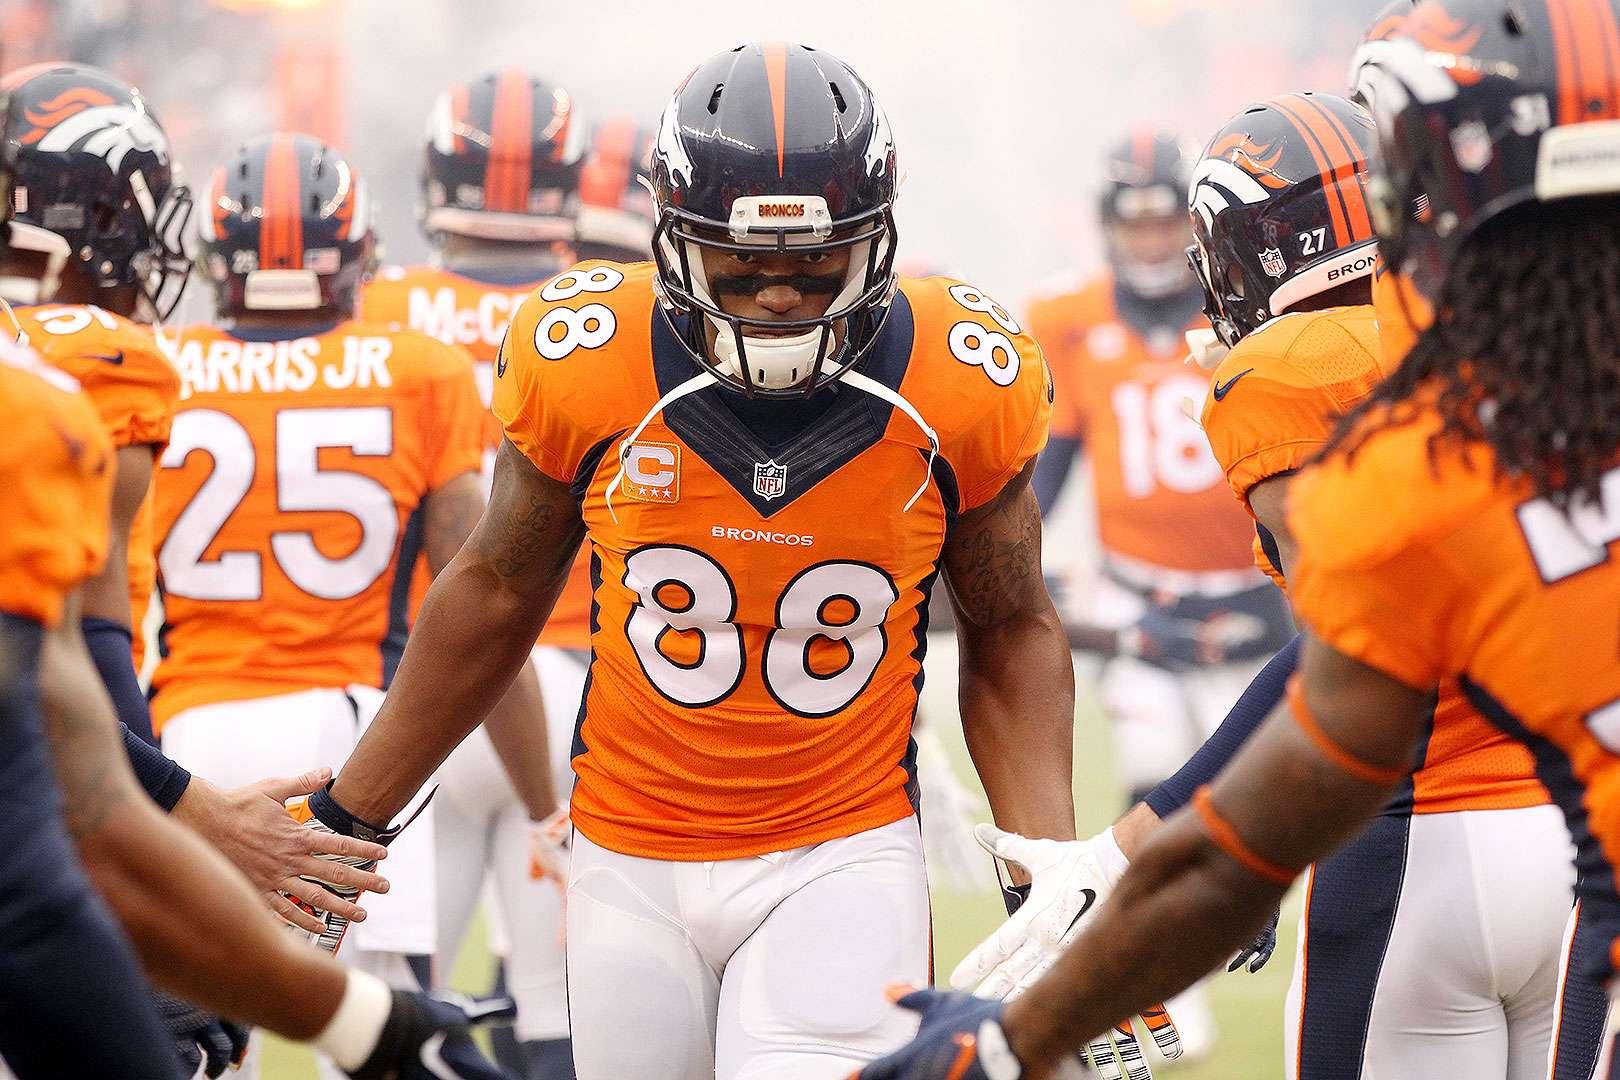 Los 15 mejores jugadores agentes libres en la NFL 2015: Demaryius Thomas, WR, Denver Broncos. Fue el mejor receptor de los Broncos en los últimos años gracias a Peyton Manning. También depende de lo que la franquicia haga para retener a Julius Thomas y si vuelve Manning para el 2015. Es muy probable que se quede en Denver, siempre y cuando hagan espacio para mejorar su contrato sin tocar el tope salarial. Foto: Getty Images